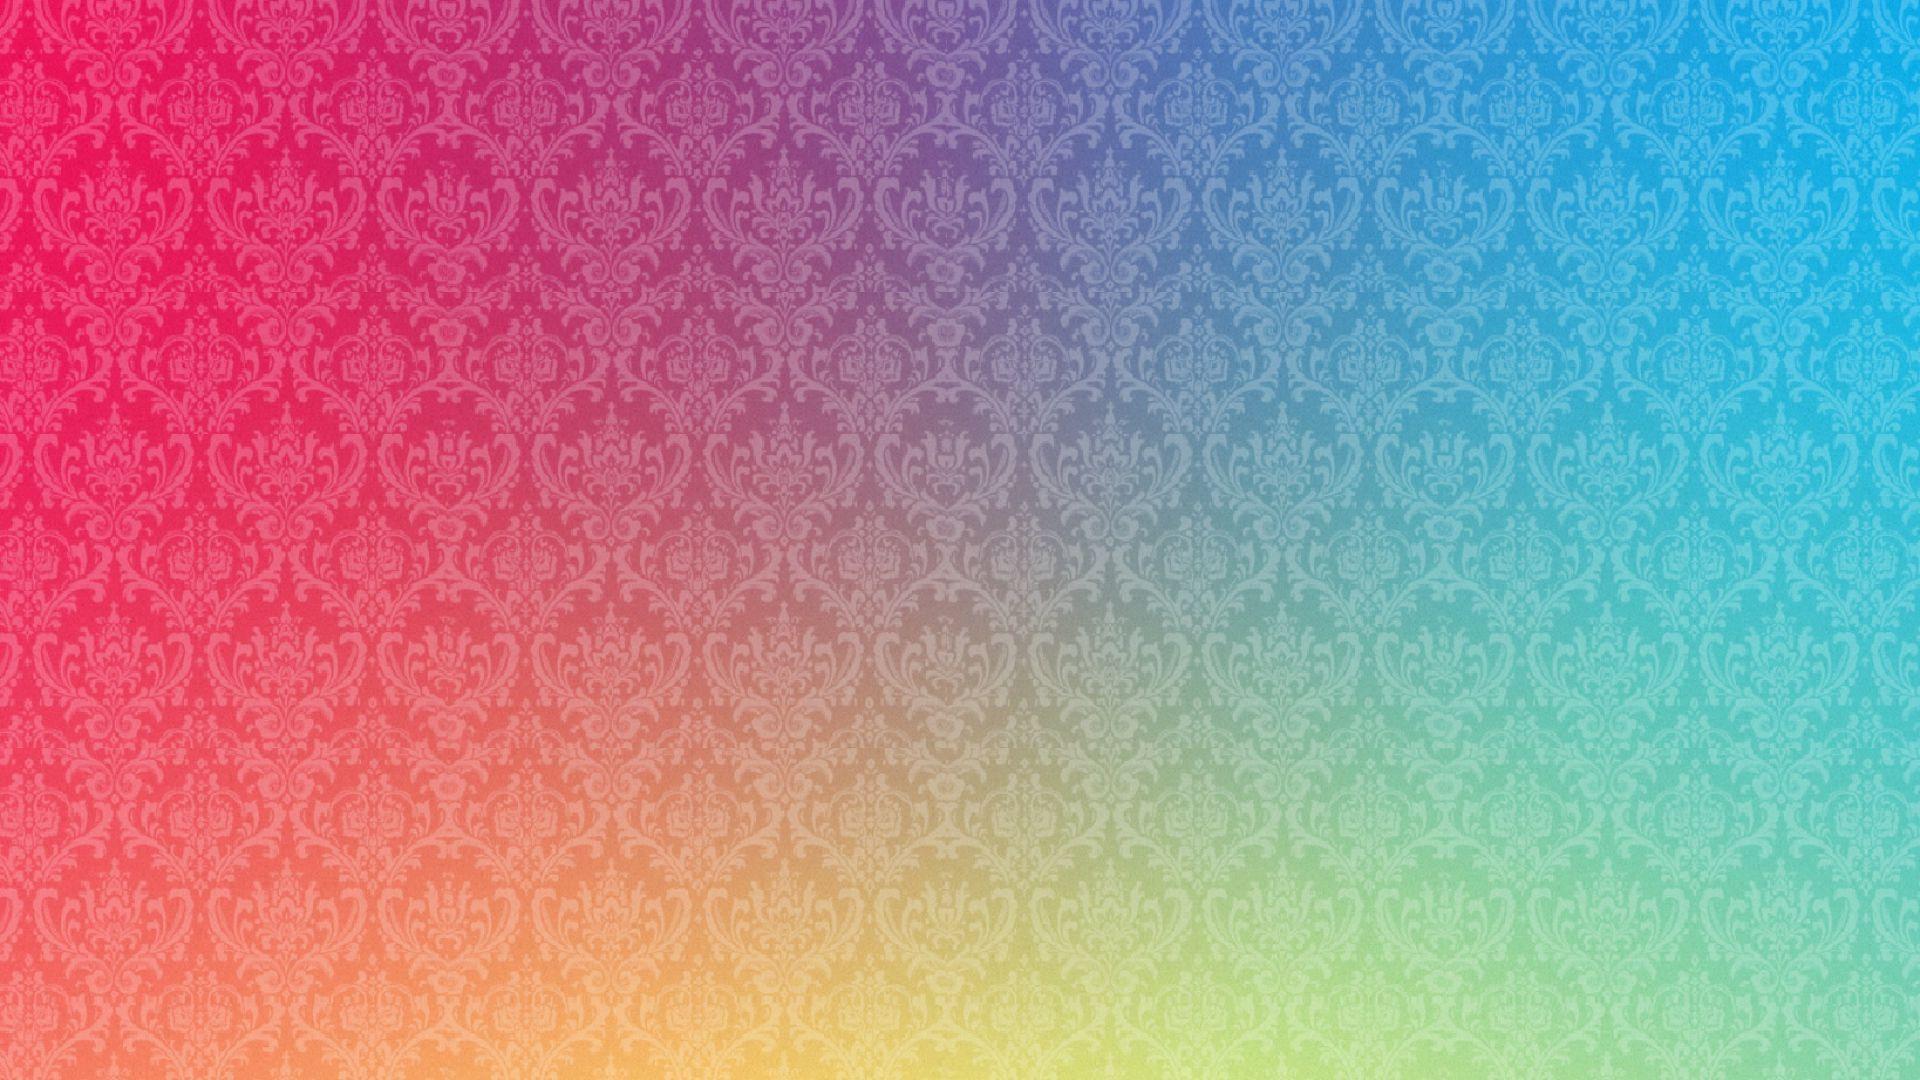 некоторые картинки однотонные фоны с узорами более, сам